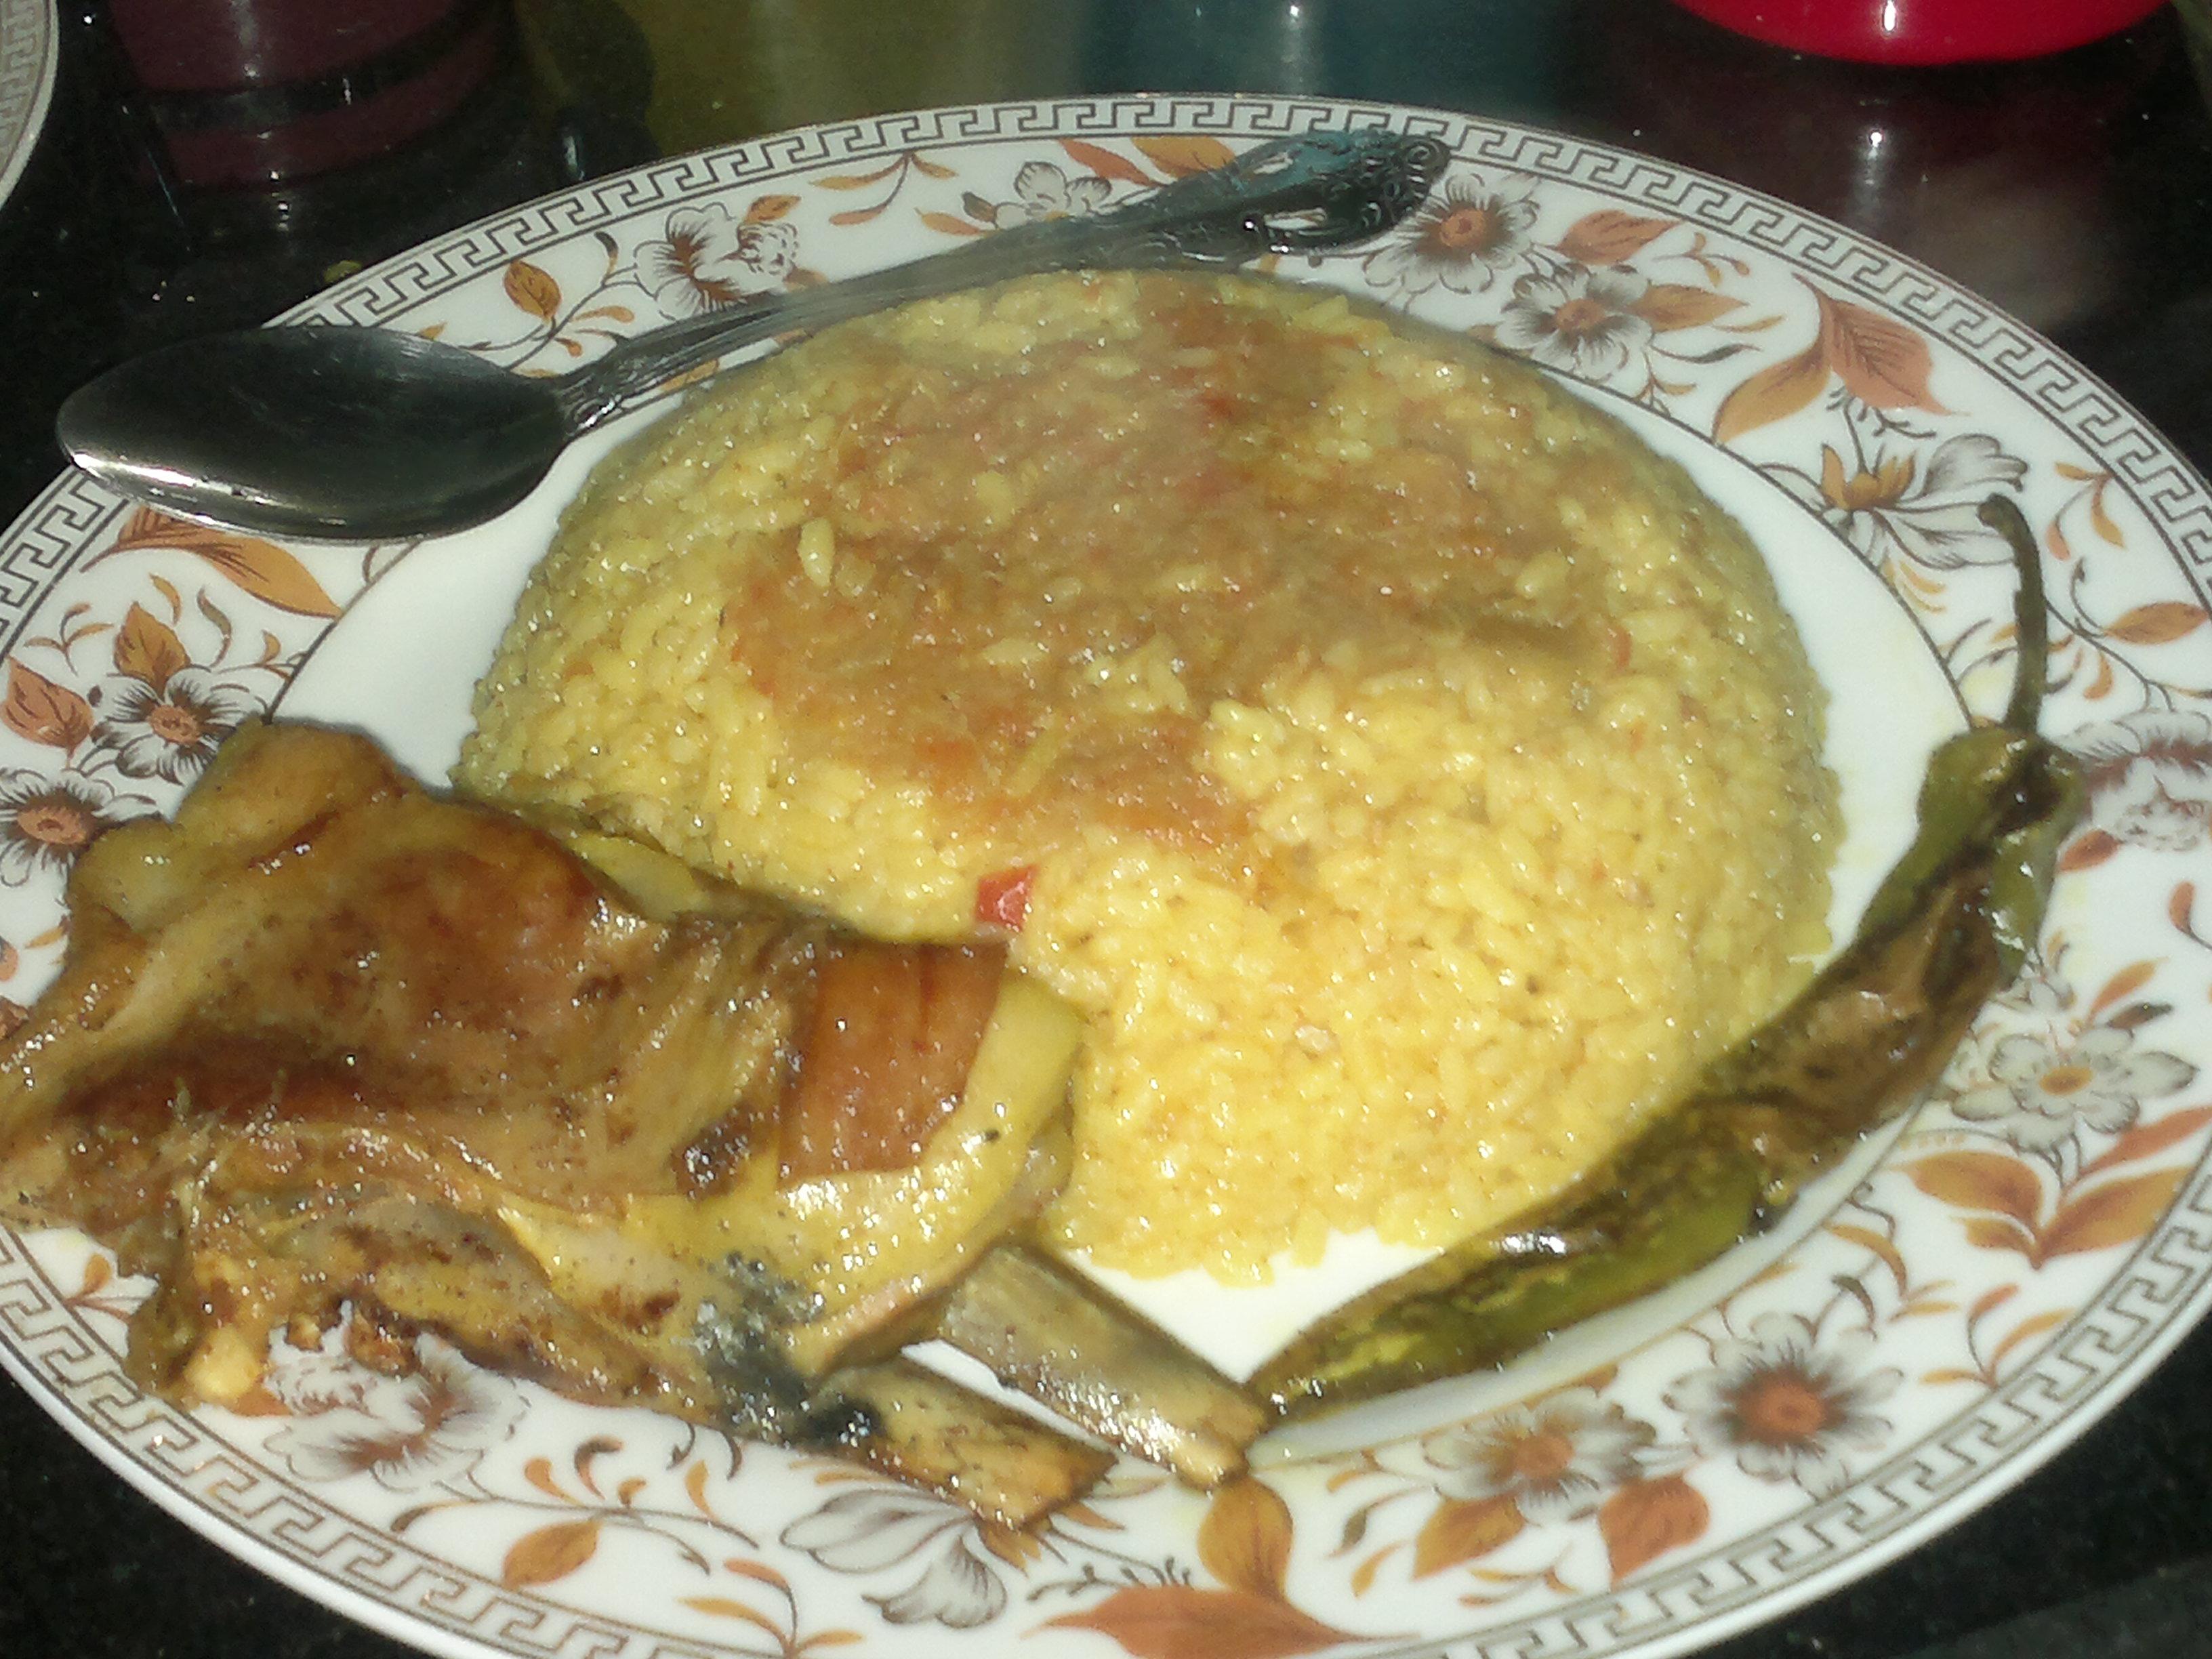 الأرز الأصفر واللحم المشوي من مطبخي 13956948091.jpg